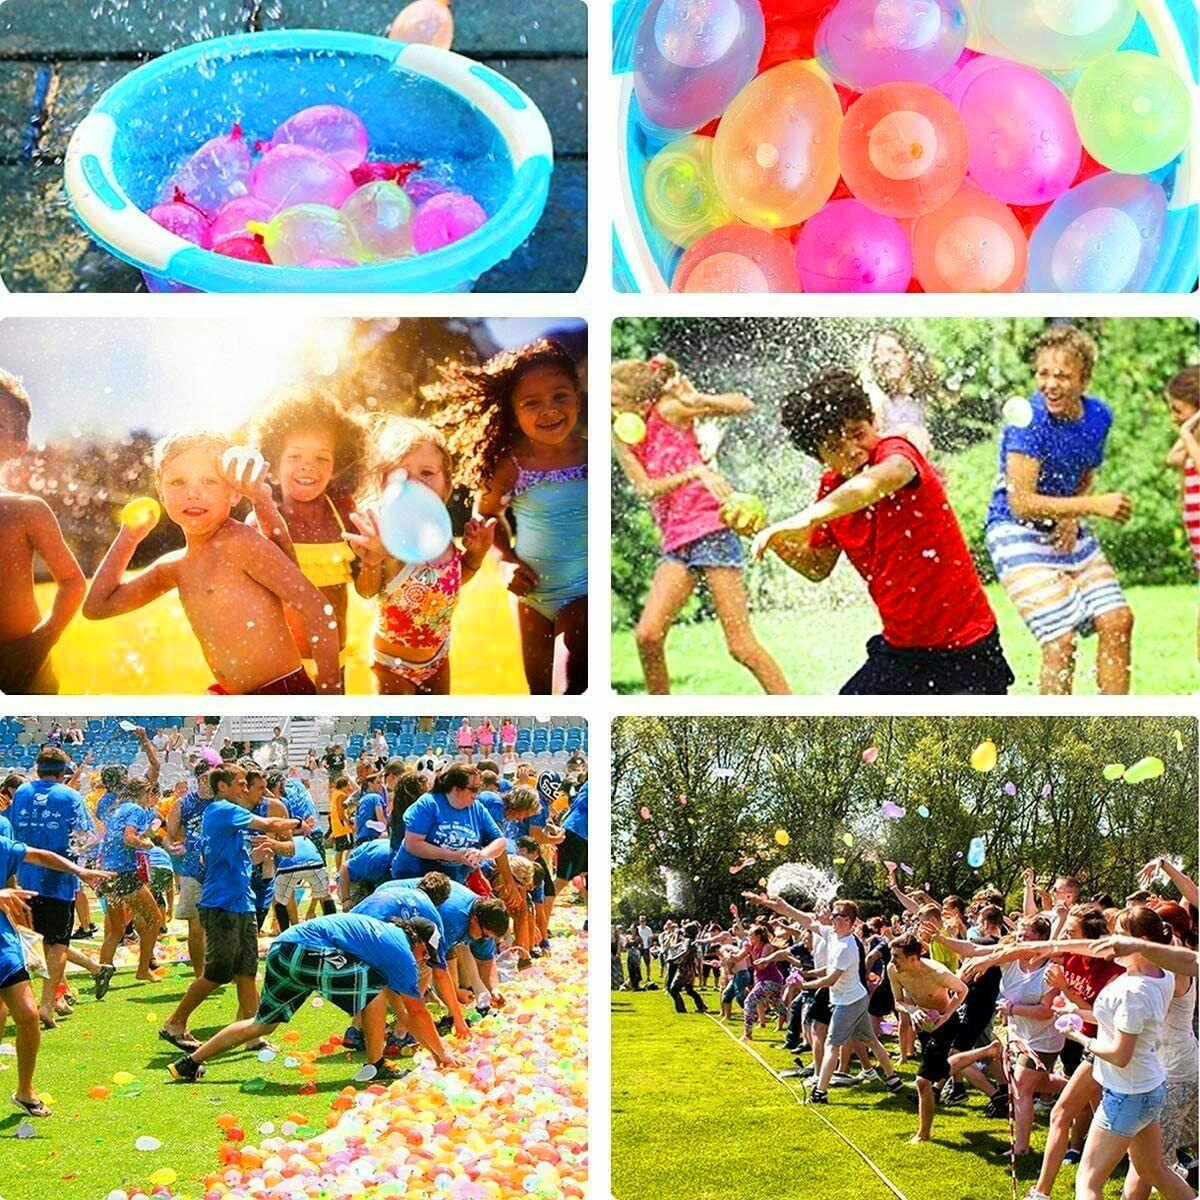 Красочные воздушные шары воды баллон, заполненный SSS игрушка для Fun Kid Взрослый Волшебное Водные виды спорта Воздушные шары Открытый Garden Beach плавательный бассейн игрушки 111